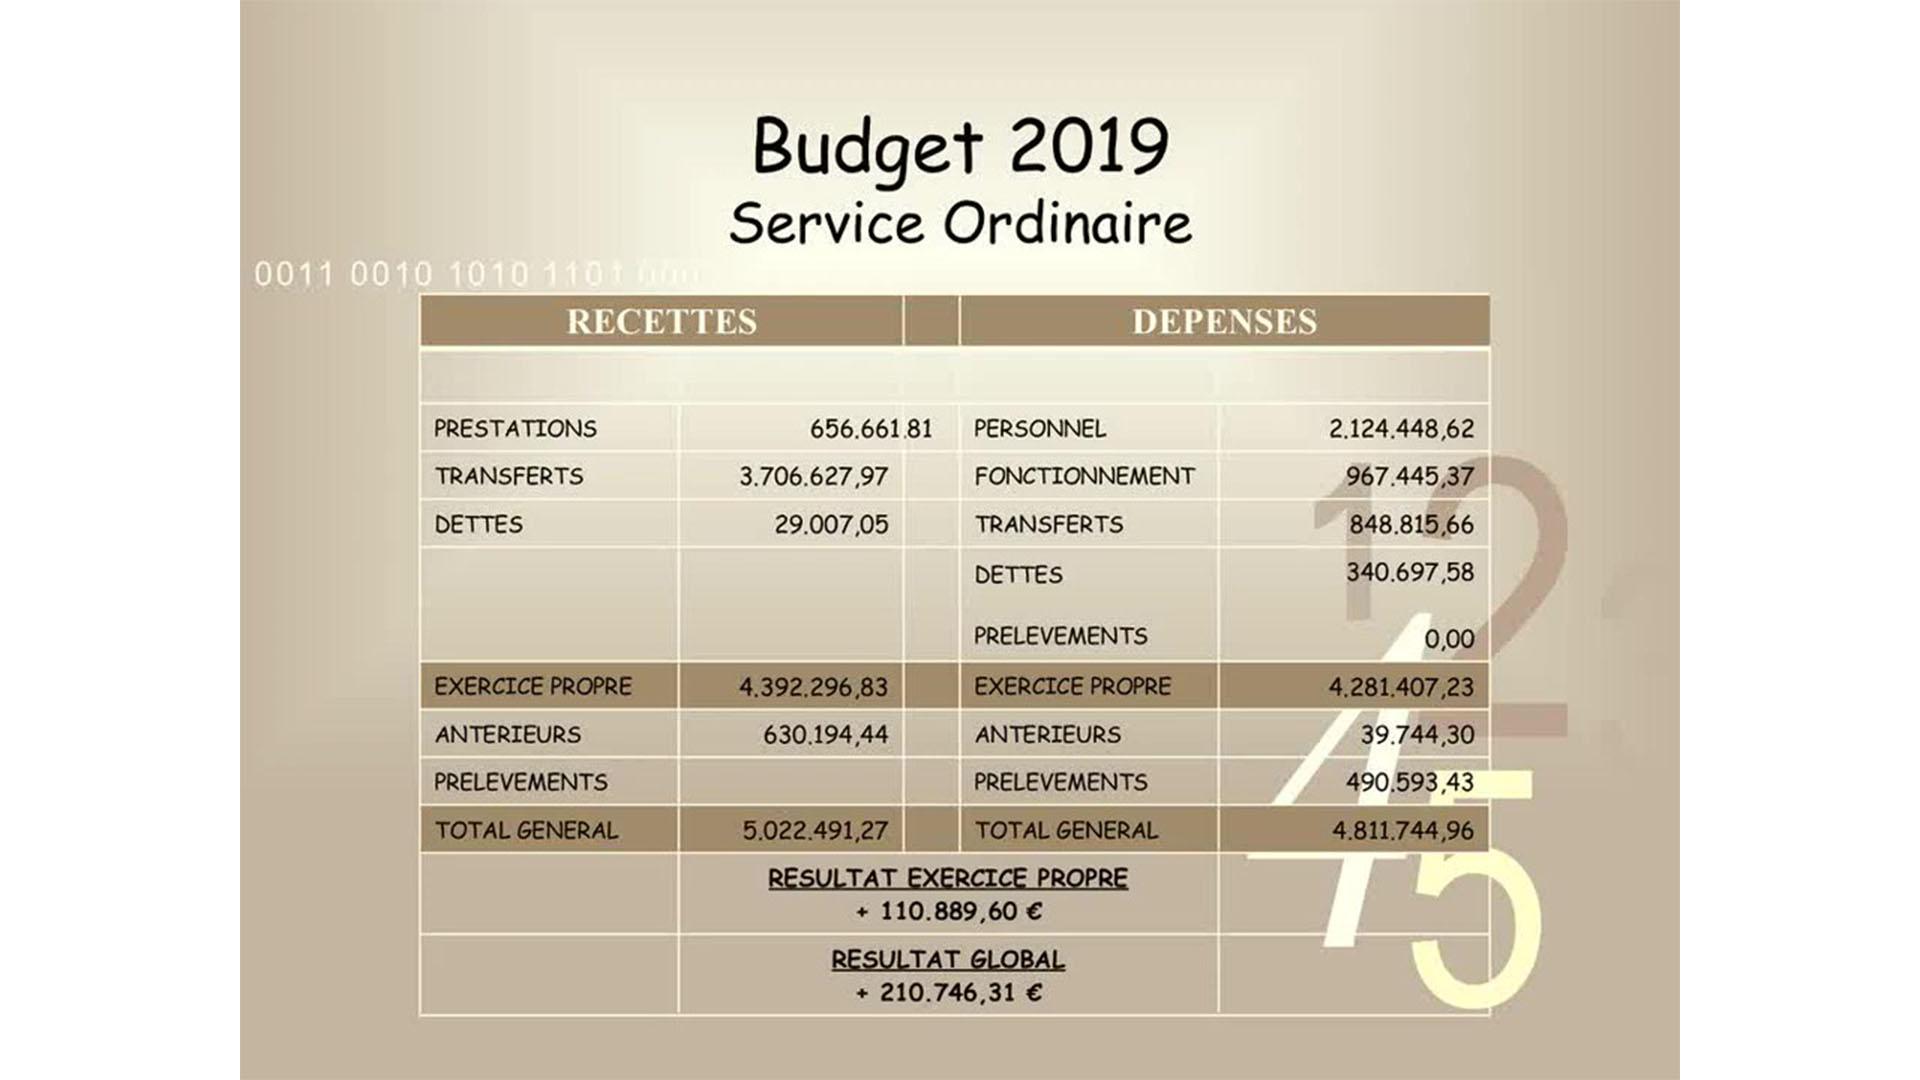 Le budget 2019 de Doische en quelques chiffres.